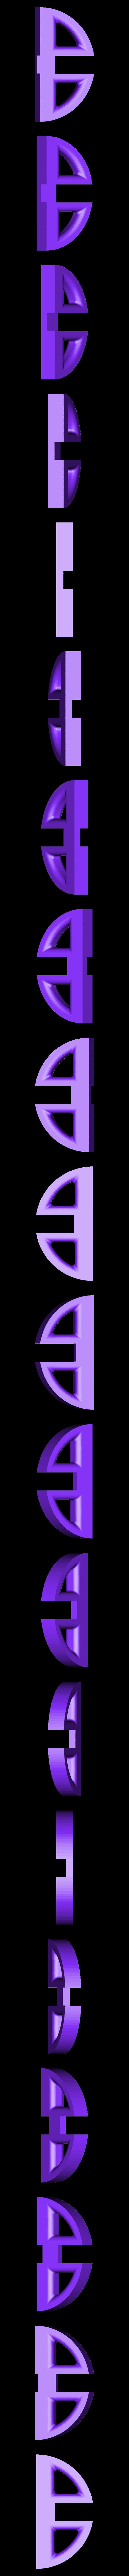 E.stl Télécharger fichier STL gratuit Puzzle Saturnus • Objet à imprimer en 3D, mtairymd